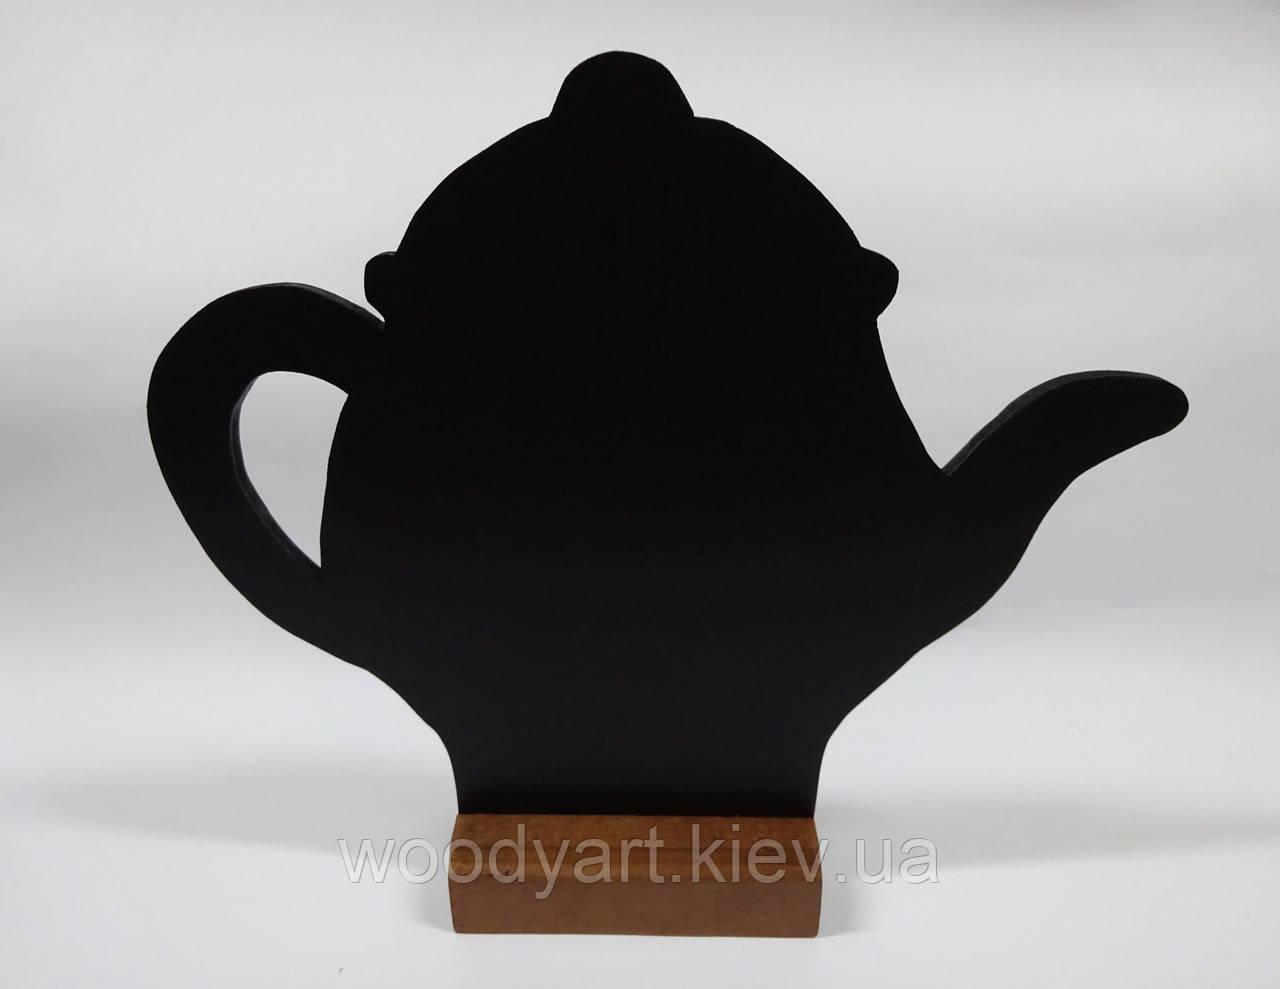 """Менюхолдер меловой """"чайник"""", 25 * 21 см"""